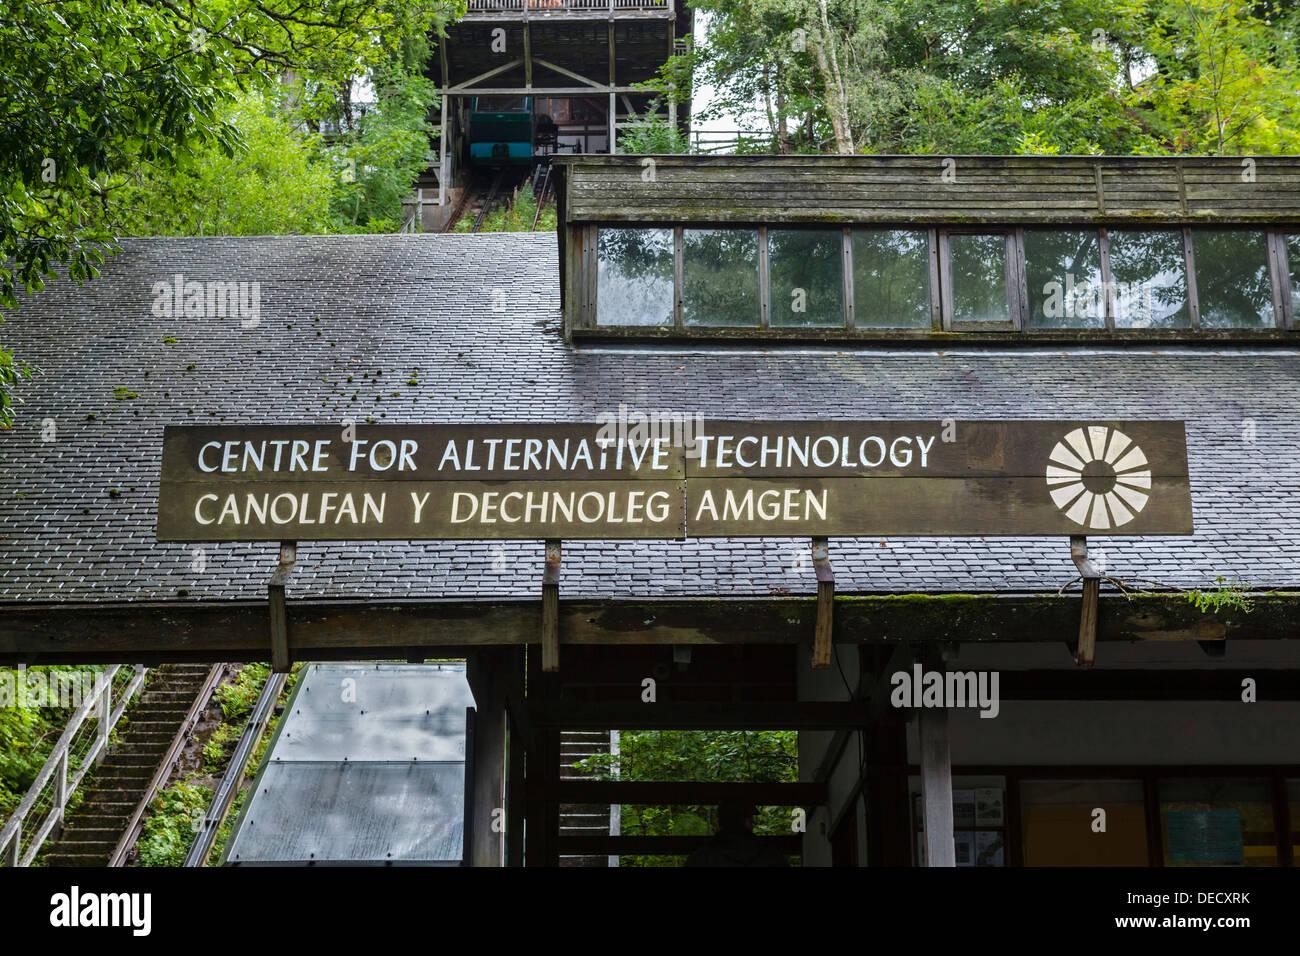 Centro de tecnologías alternativas de entrada balanceada con agua funicular a la izquierda, cerca de Machynlleth, Powys, Gales, Reino Unido Imagen De Stock